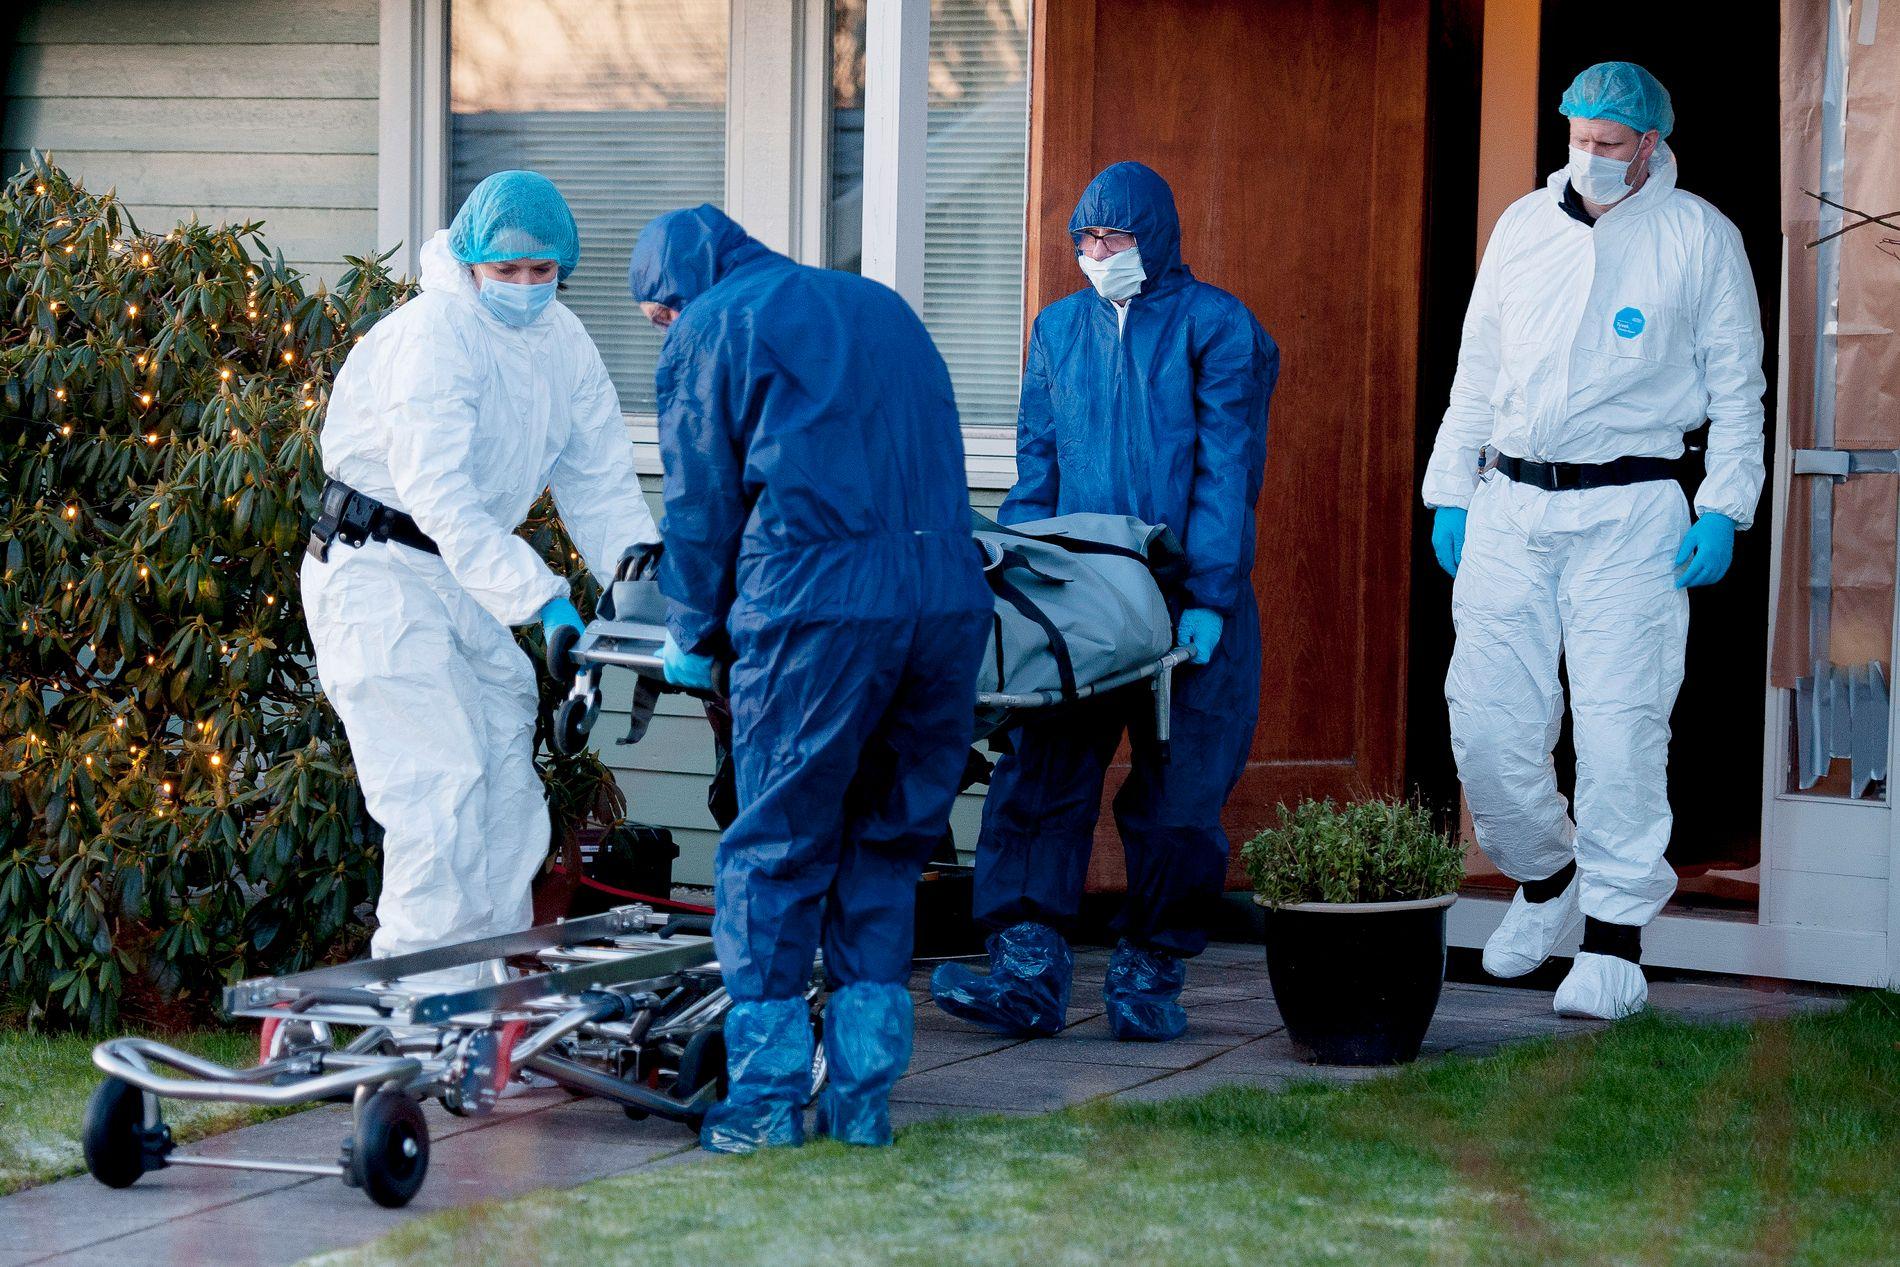 DREPT: En mann i 20-årene er siktet for drap etter at en mann ble funnet død på en privat adresse i Sandnes i Rogaland søndag morgen.